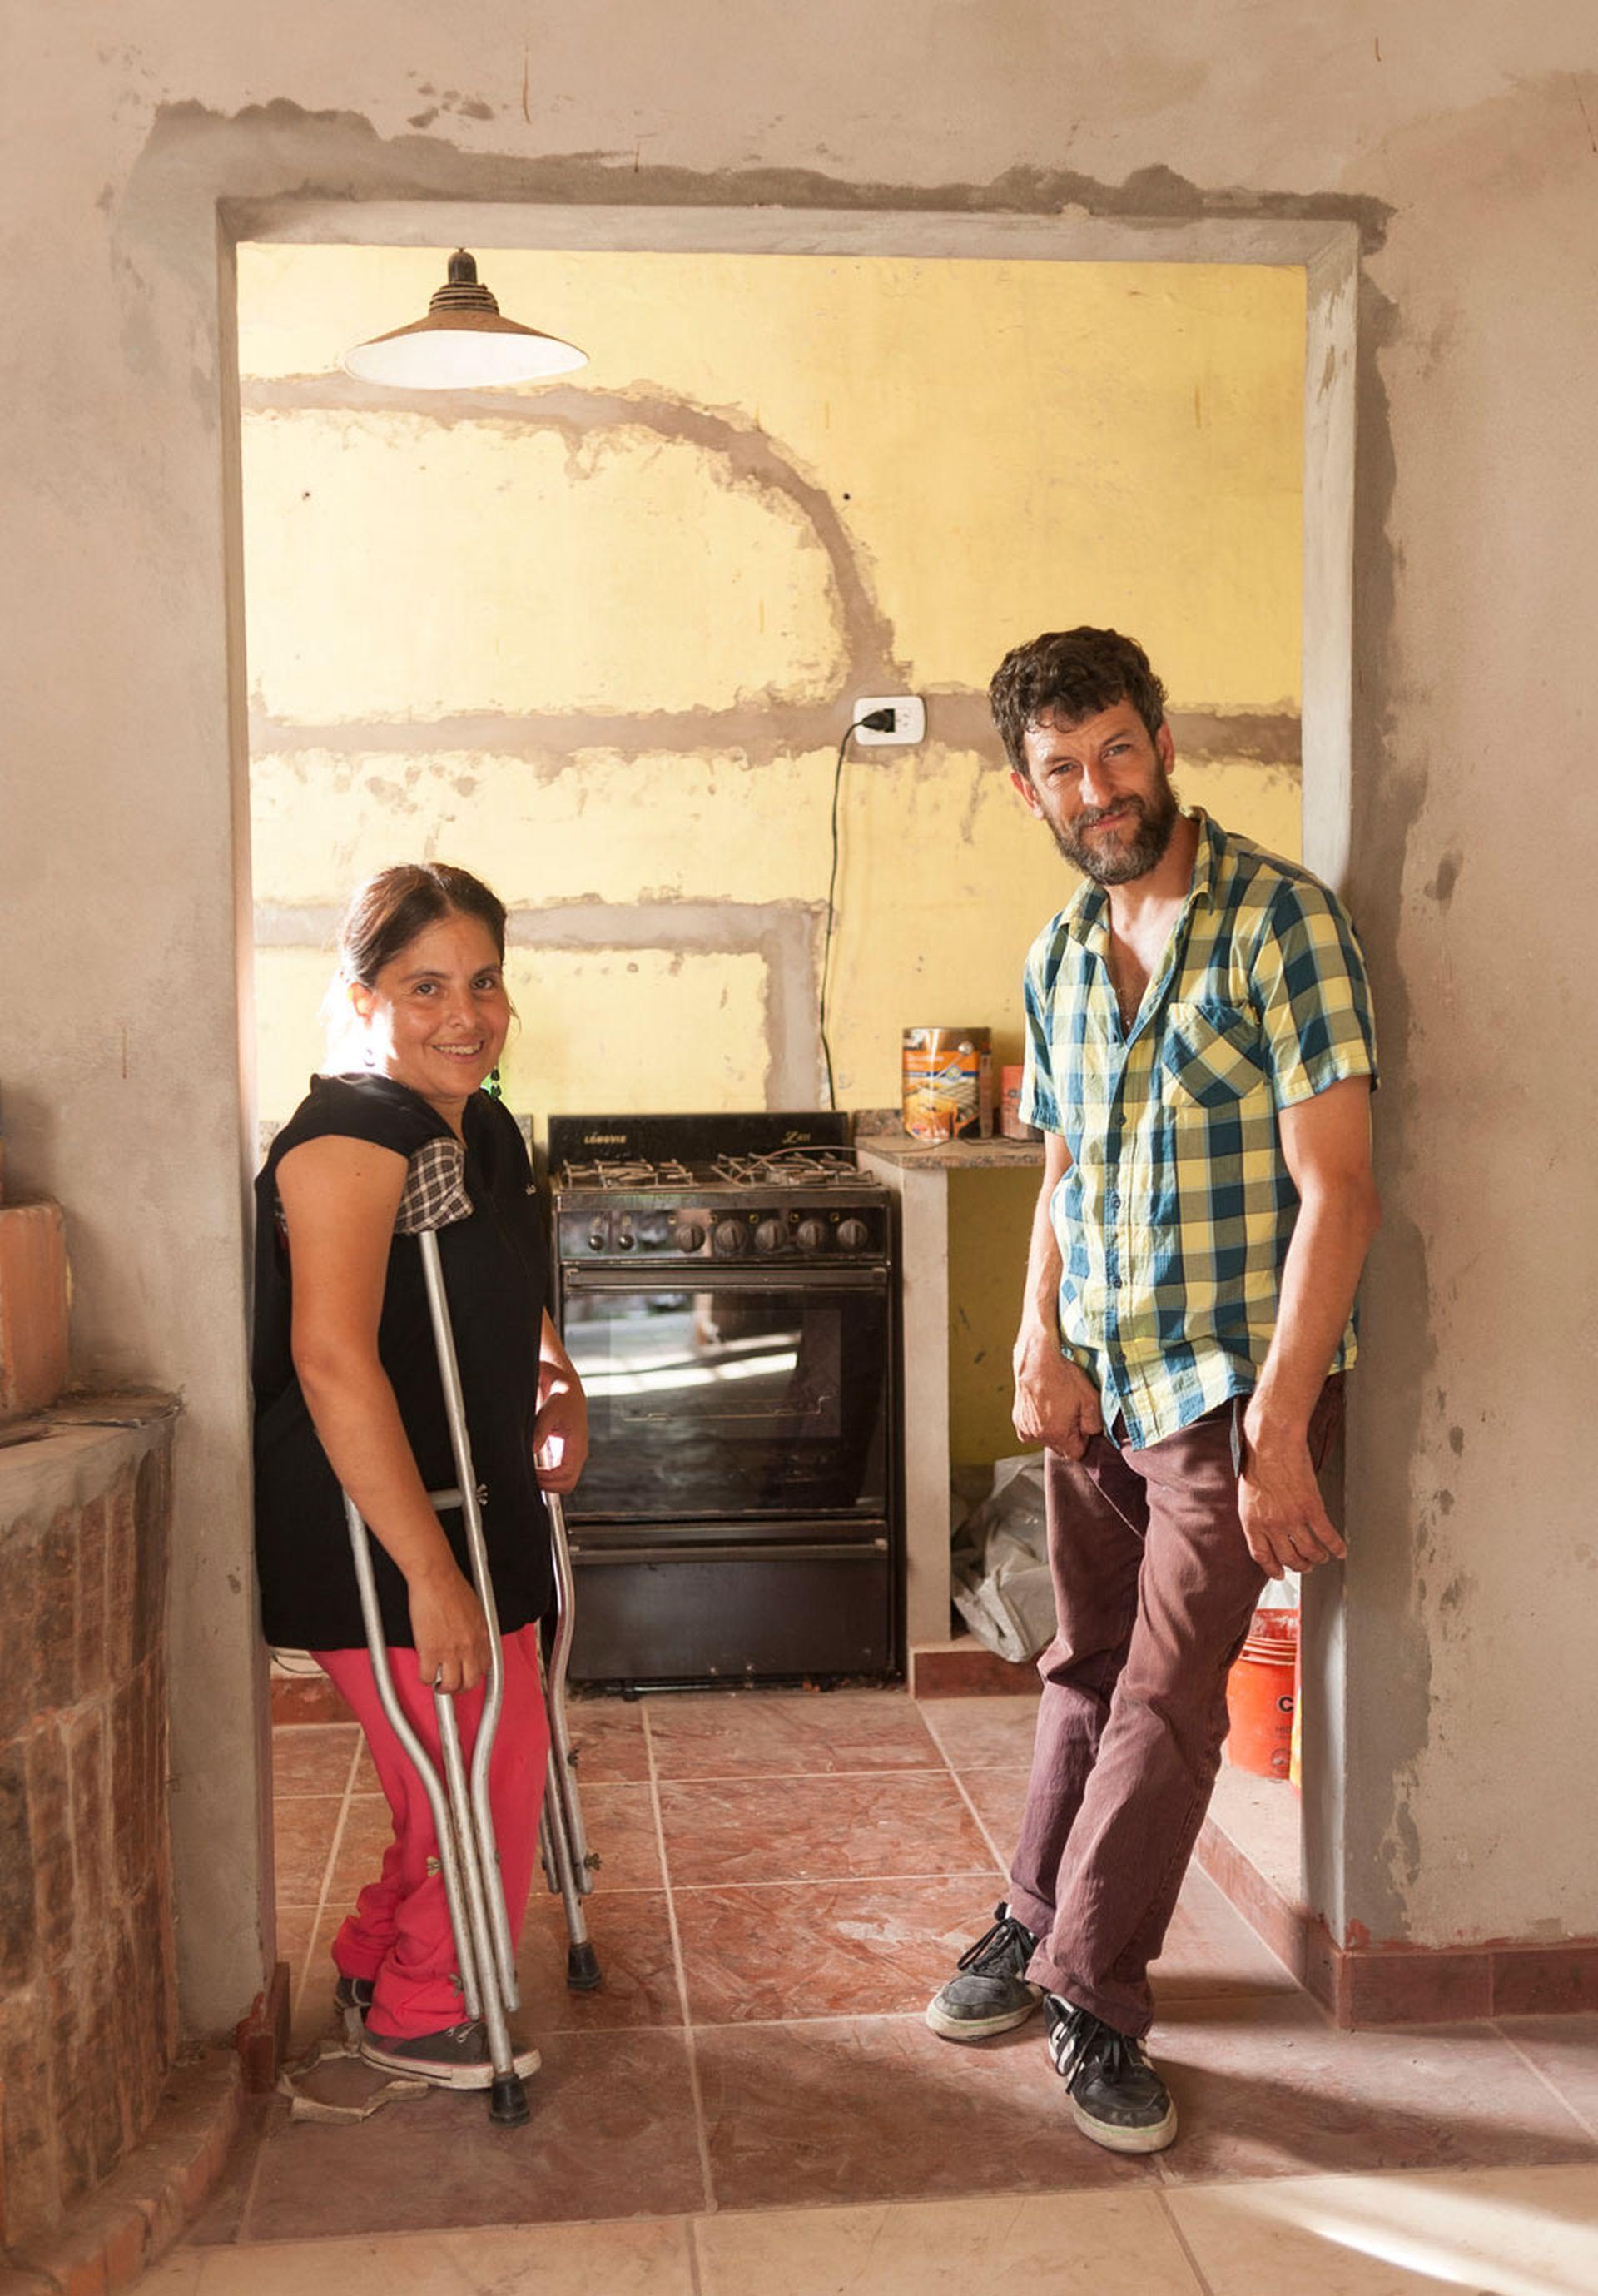 Mónica y Sergio, en el umbral de la casa en la que convivirán